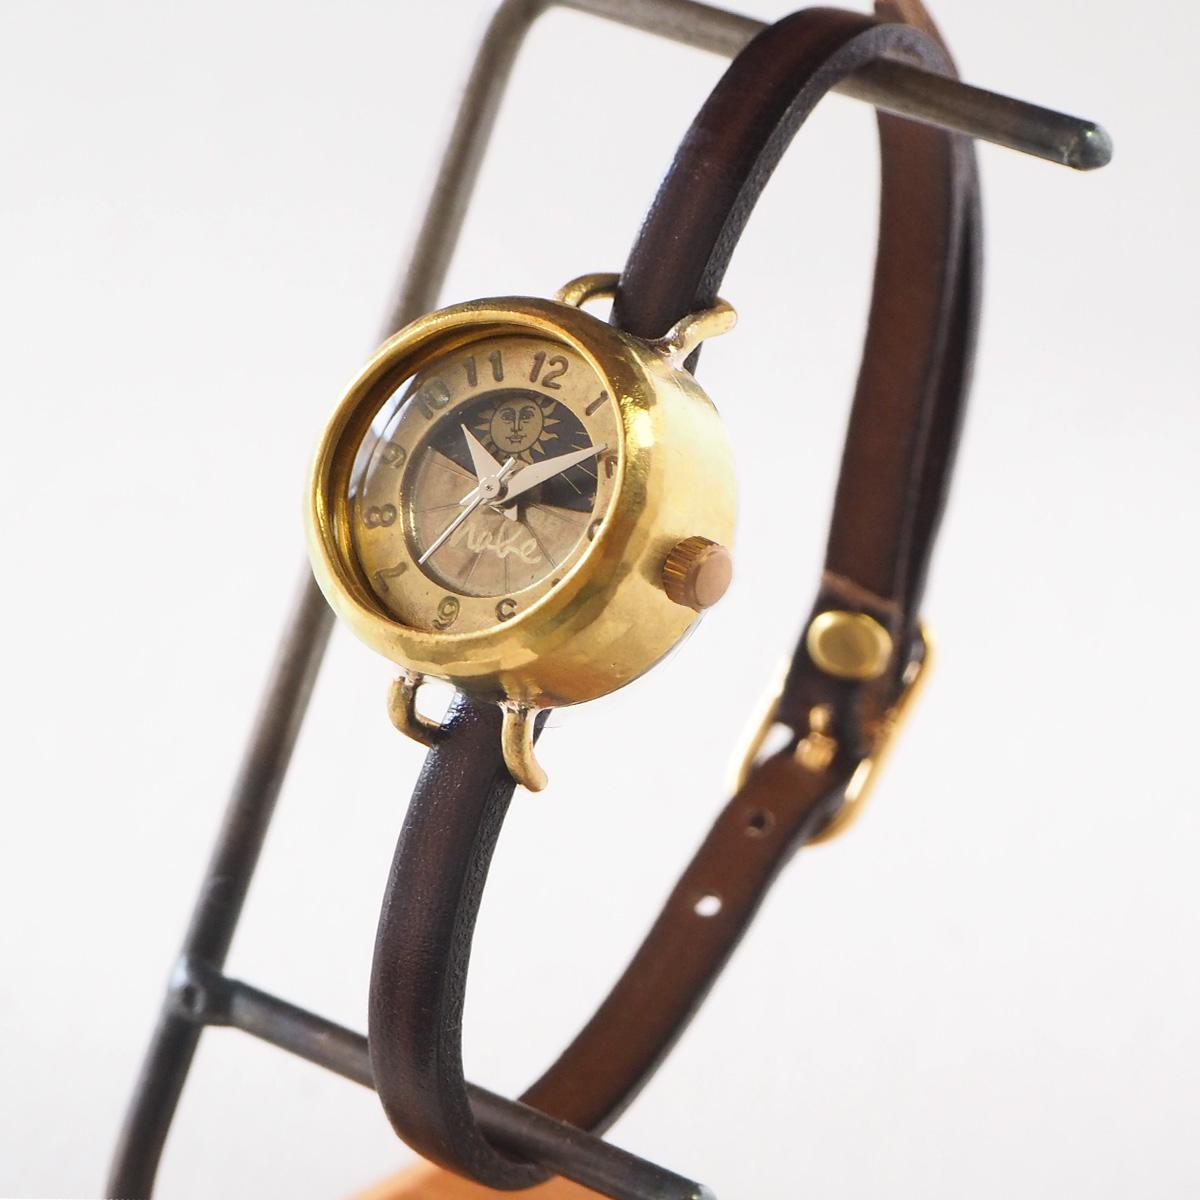 """渡辺工房 手作り腕時計 """"Lady's Brass"""" レディースブラス SUN&MOON 4.5mm ブラウン レザーベルト [NW-365SM]"""